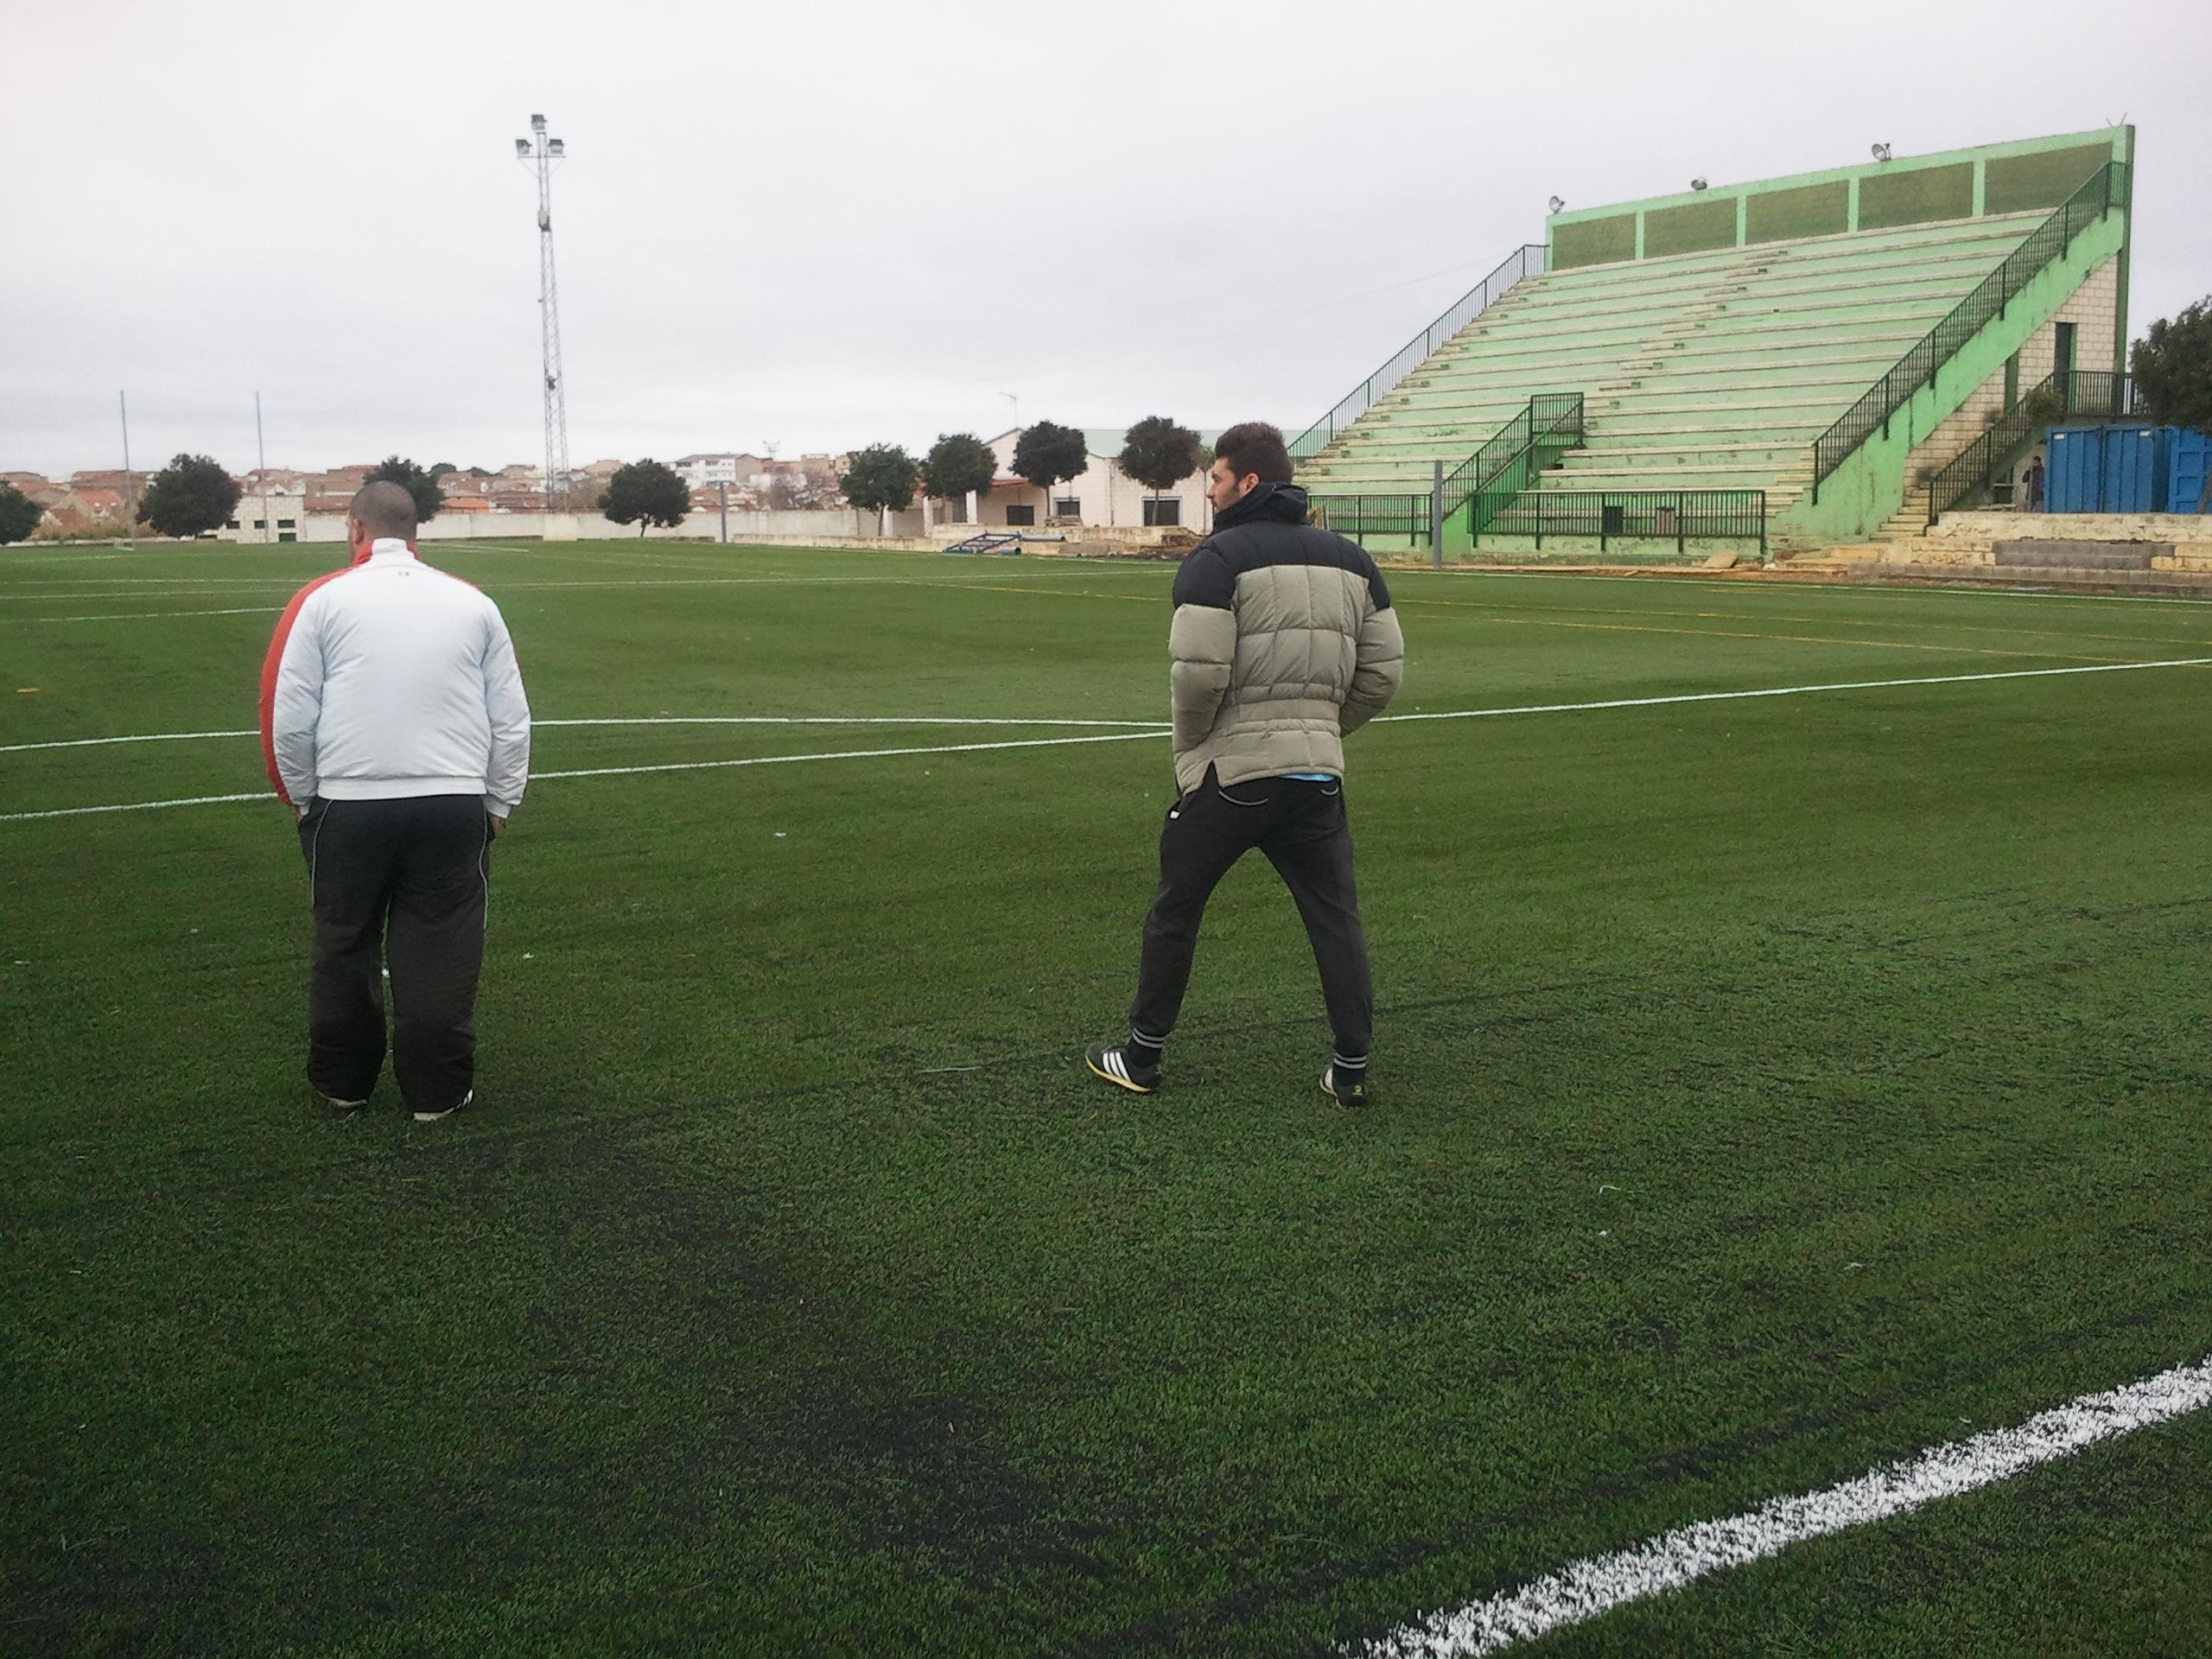 El C.D. Calamonte tendrá que esperar para debutar en el campo de césped artificial